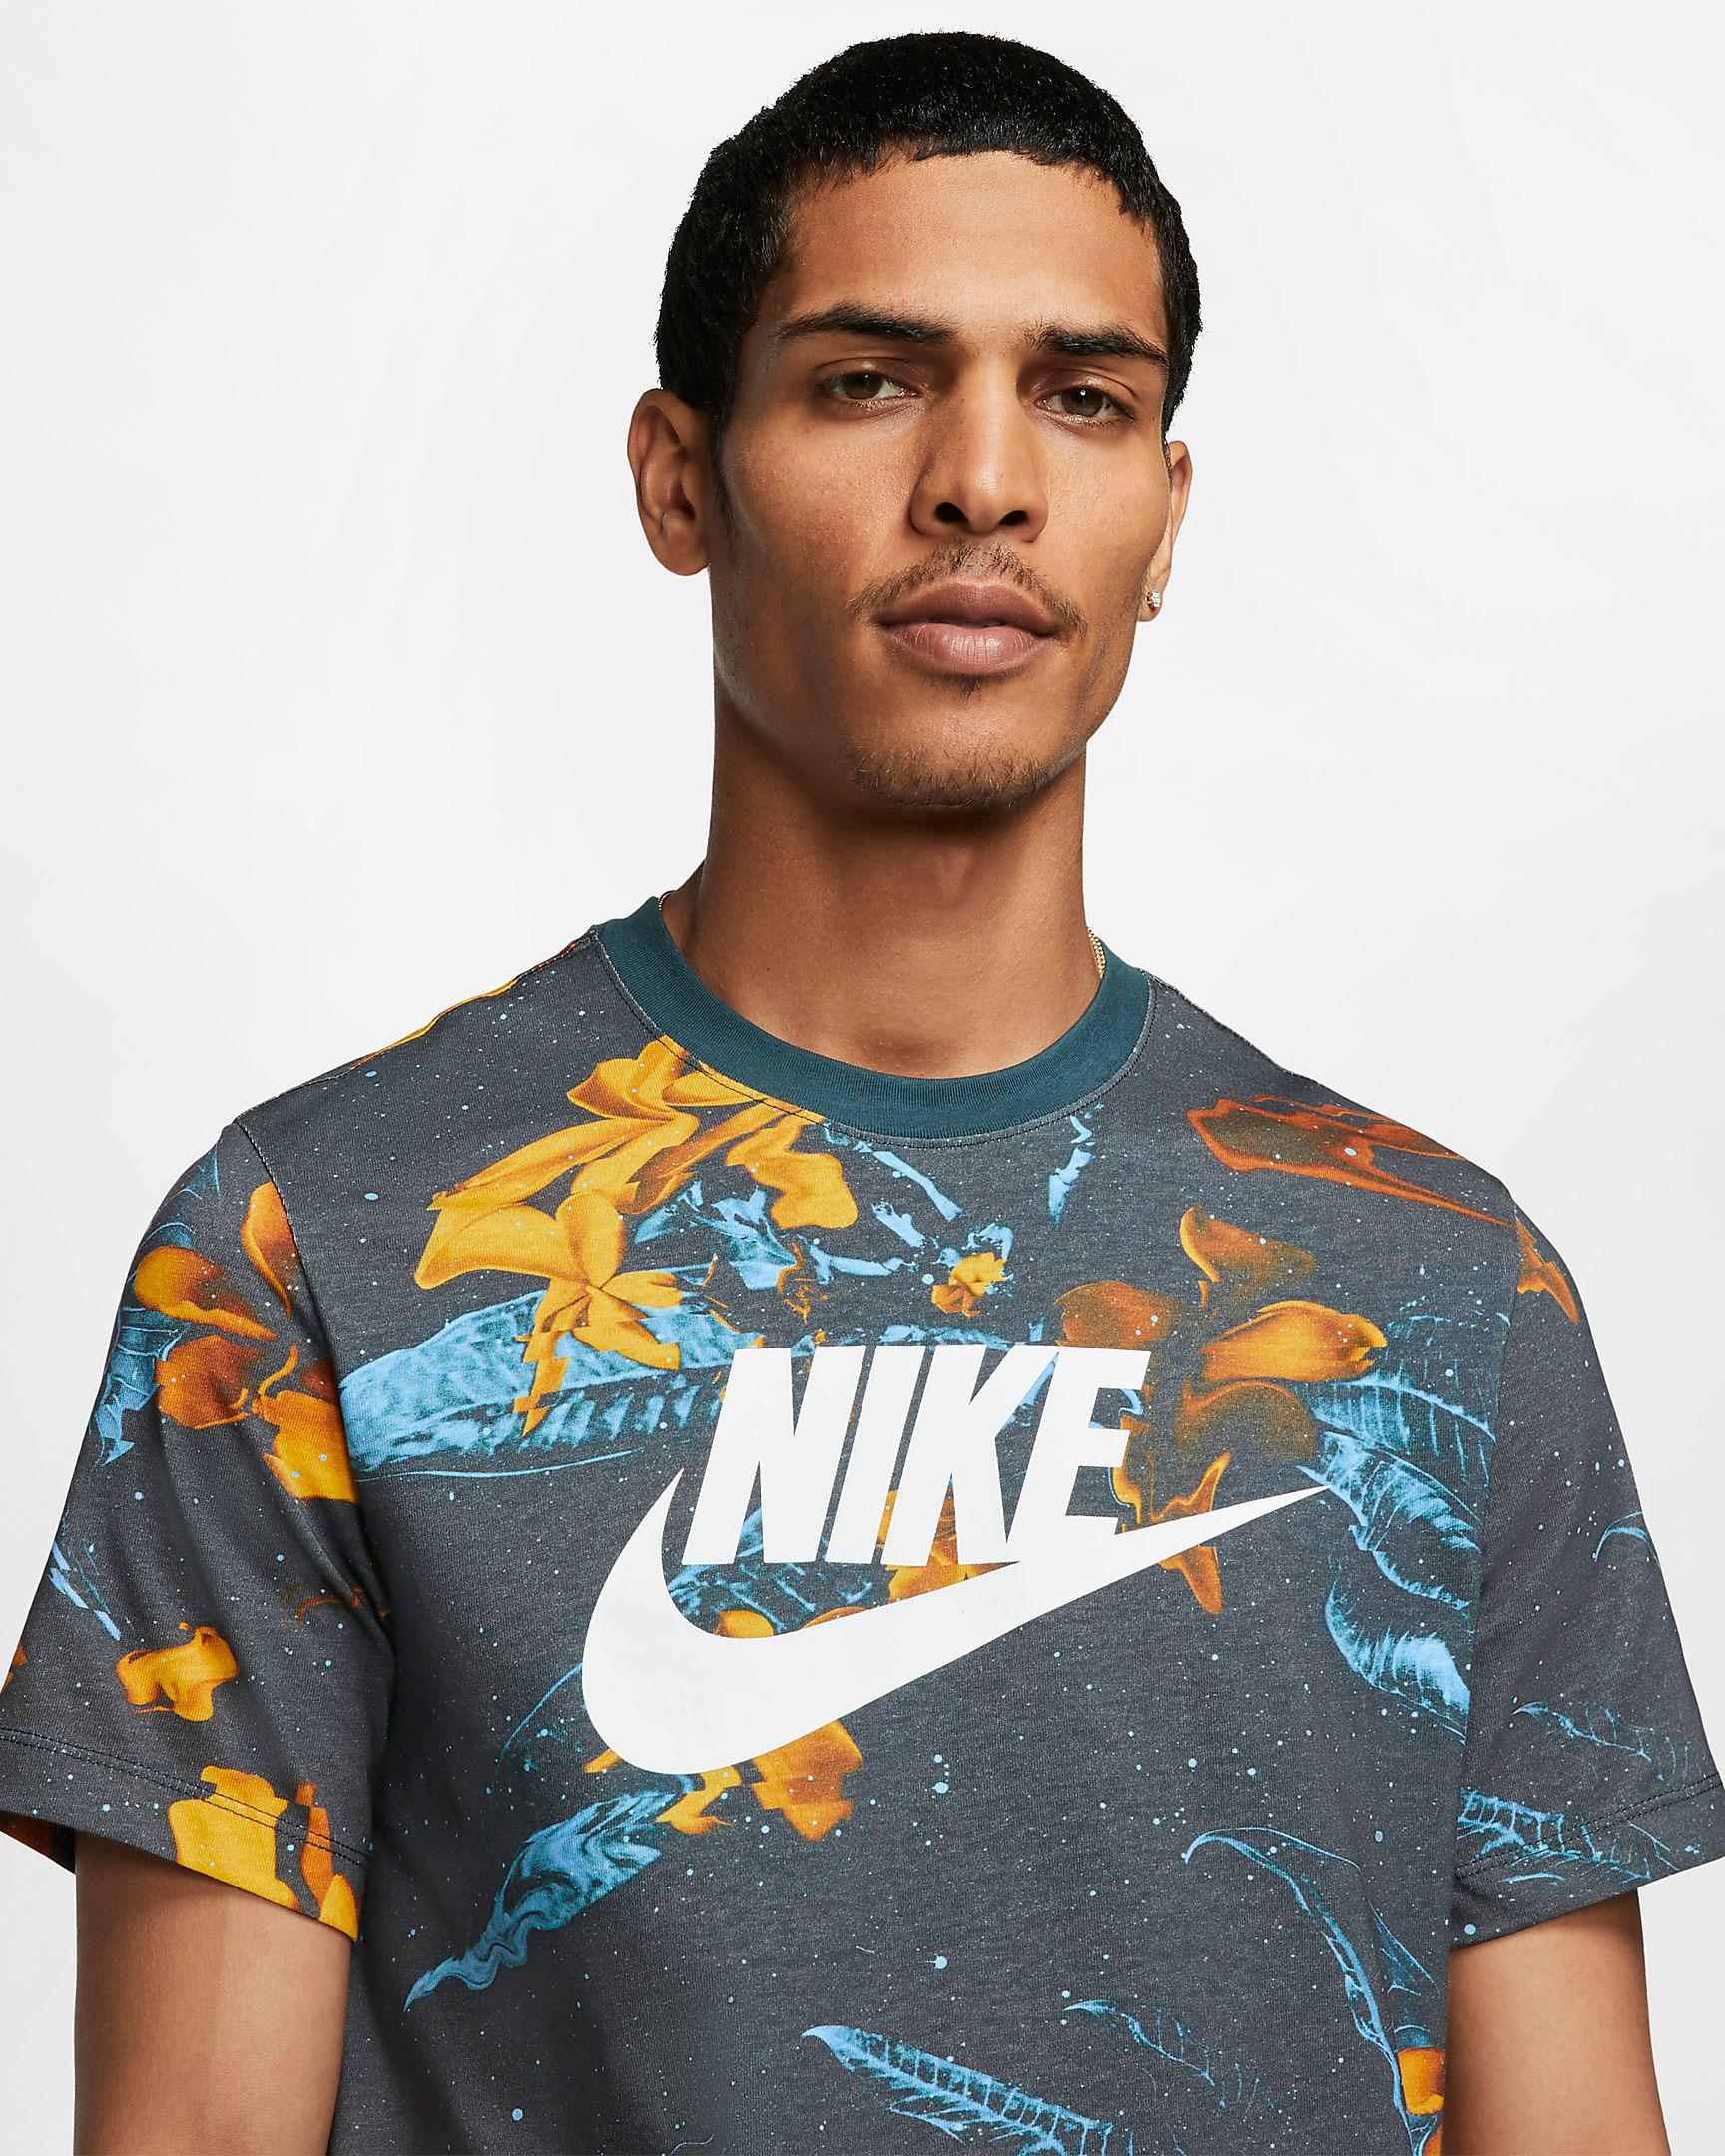 nike-air-laser-orange-shirt-1